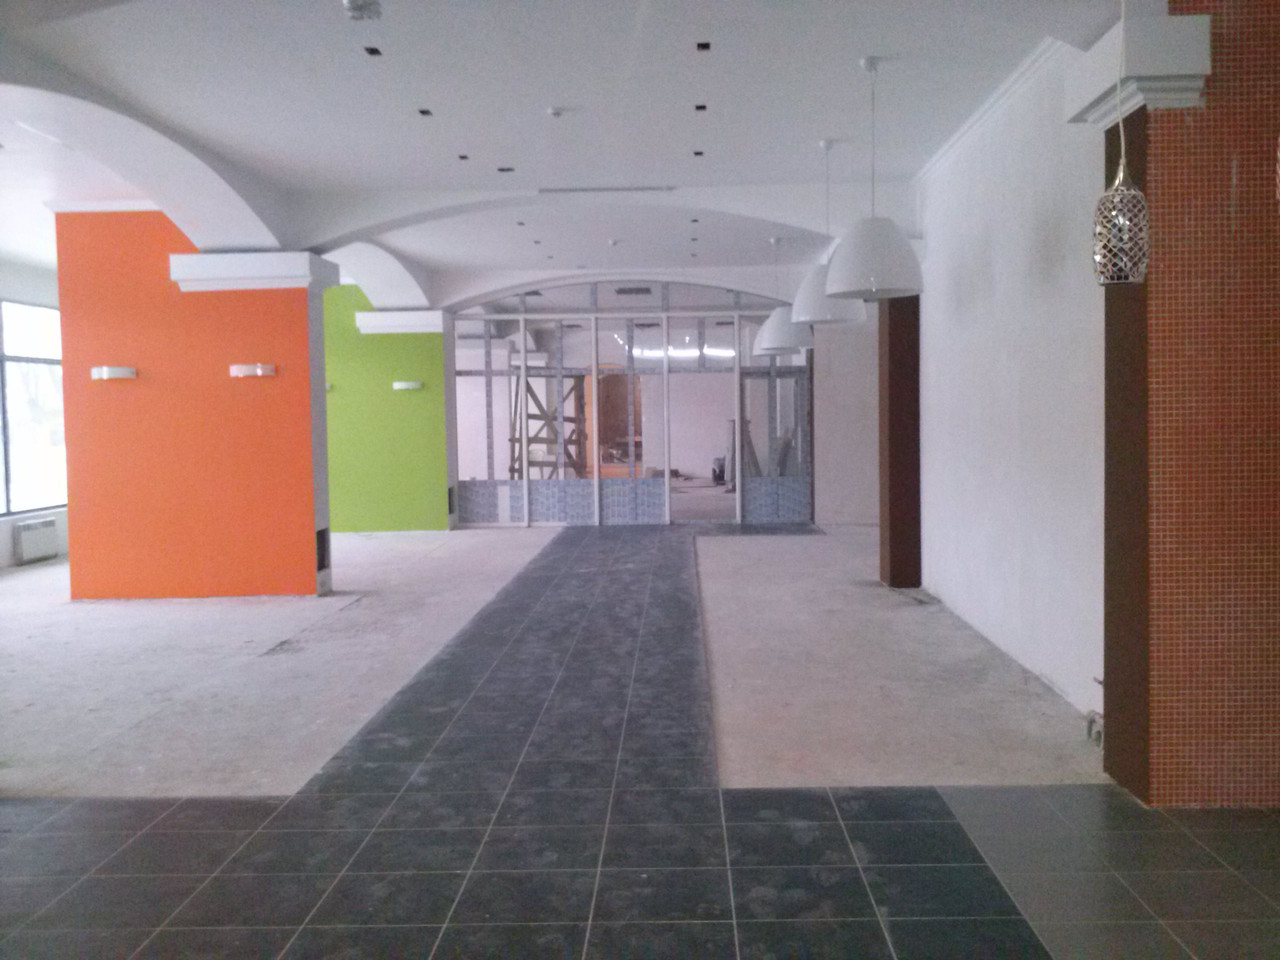 Капитальный ремонт, Реконструкция зданий и сооружений